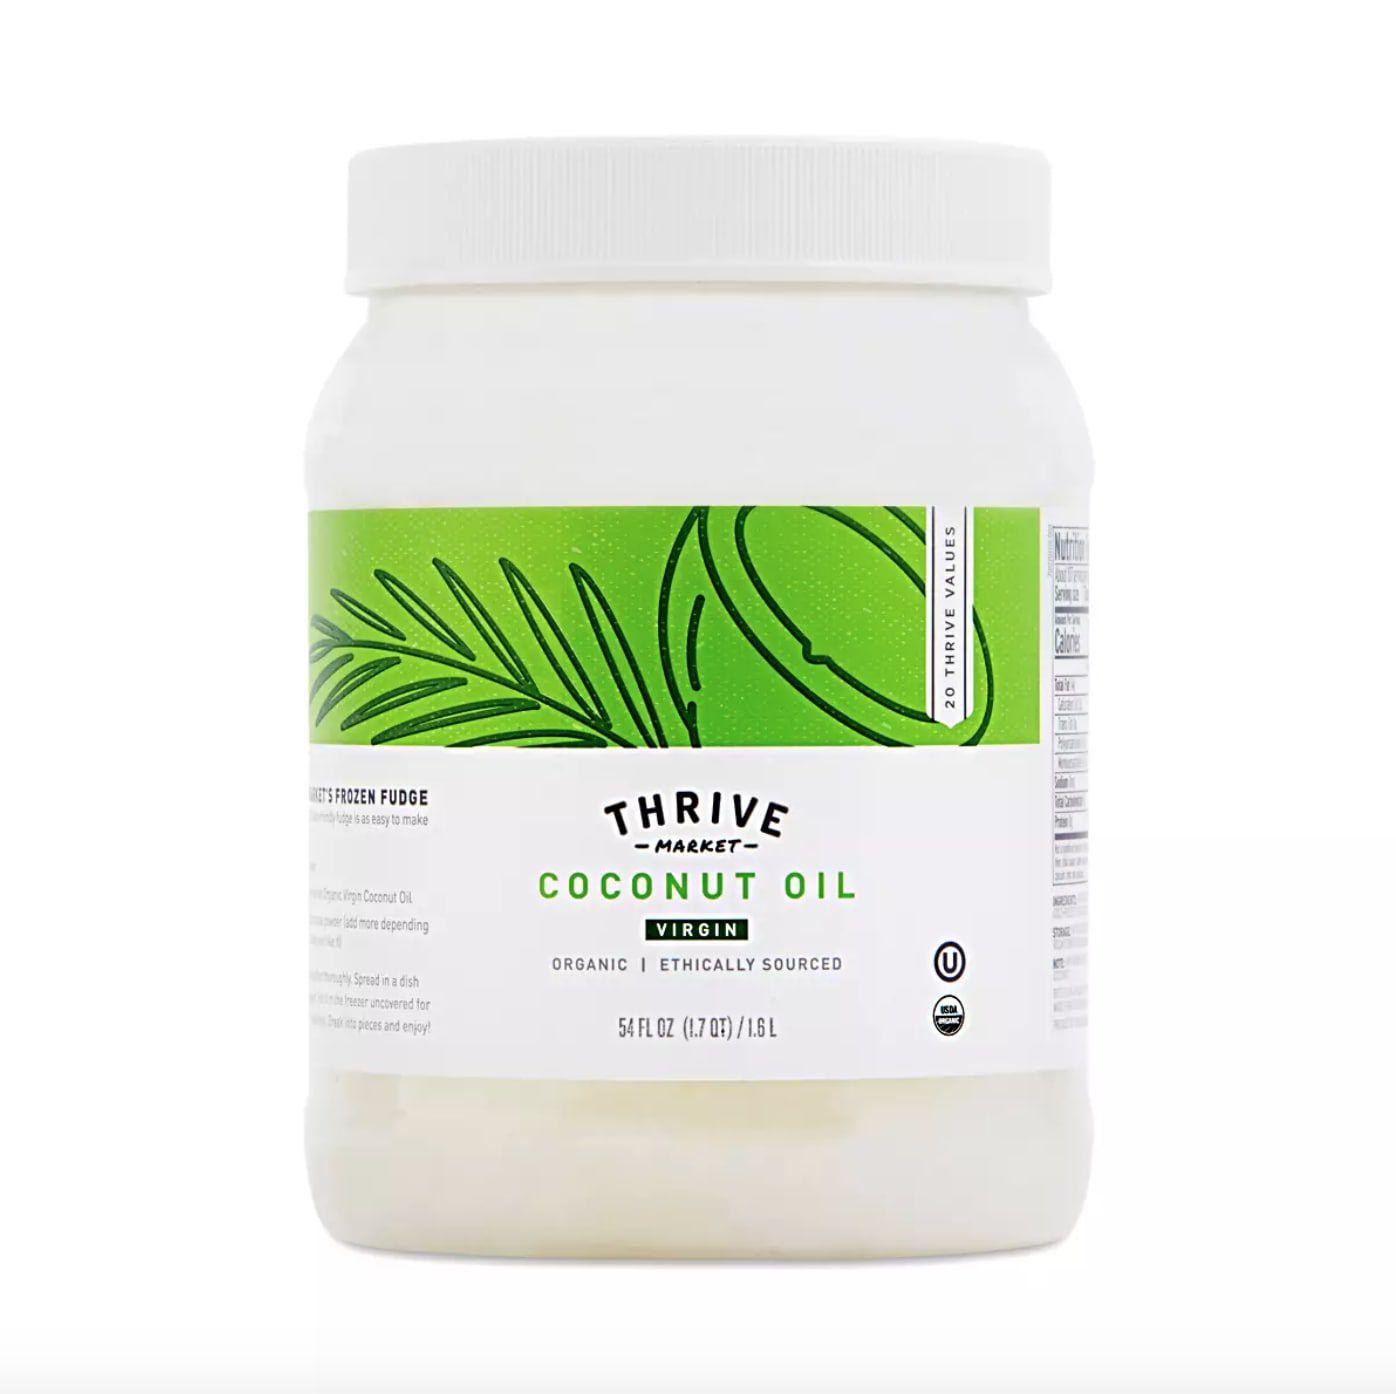 thrive-market-virgin-coconut-oil